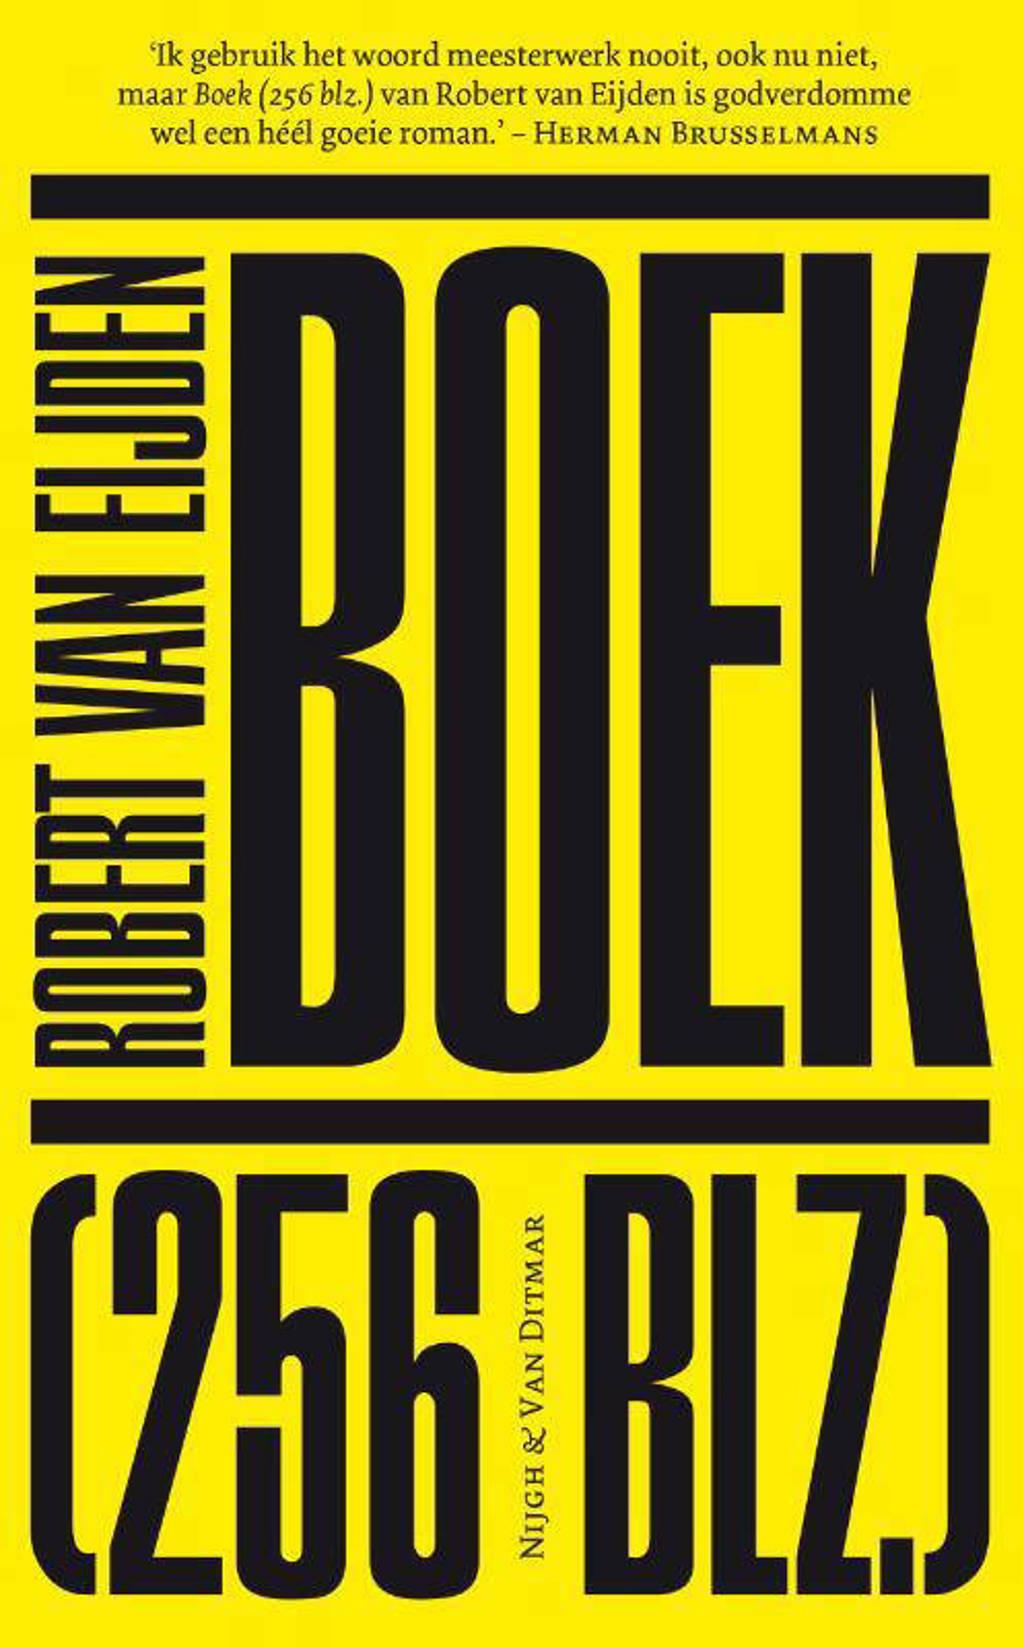 Boek (256 blz.) - Robert van Eijden